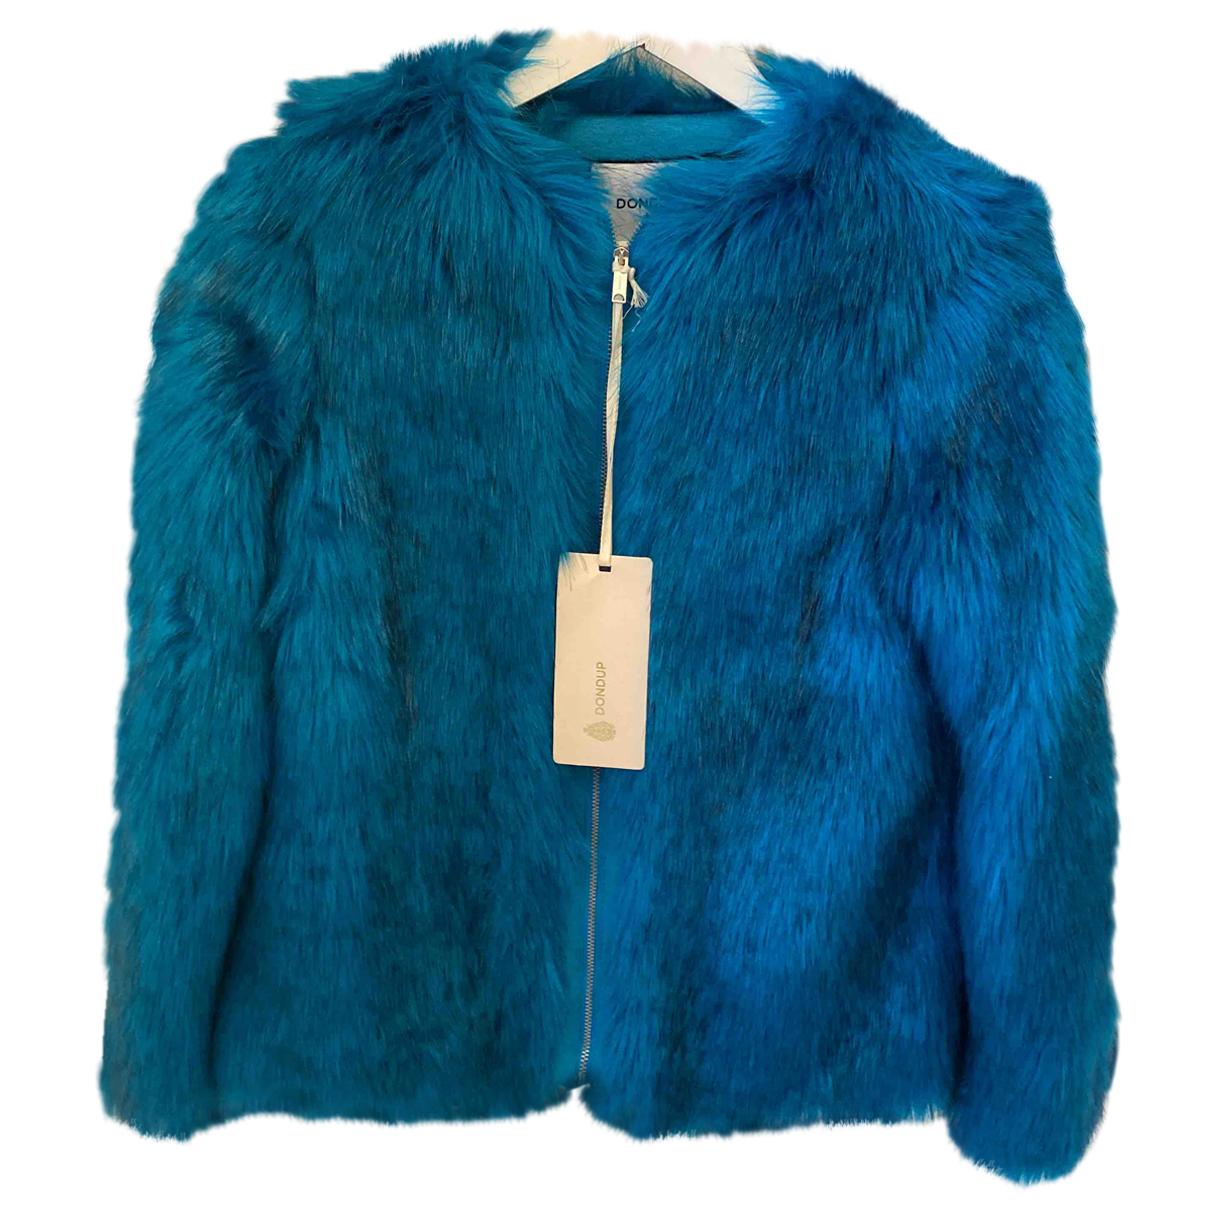 Dondup - Veste   pour femme en fourrure synthetique - turquoise